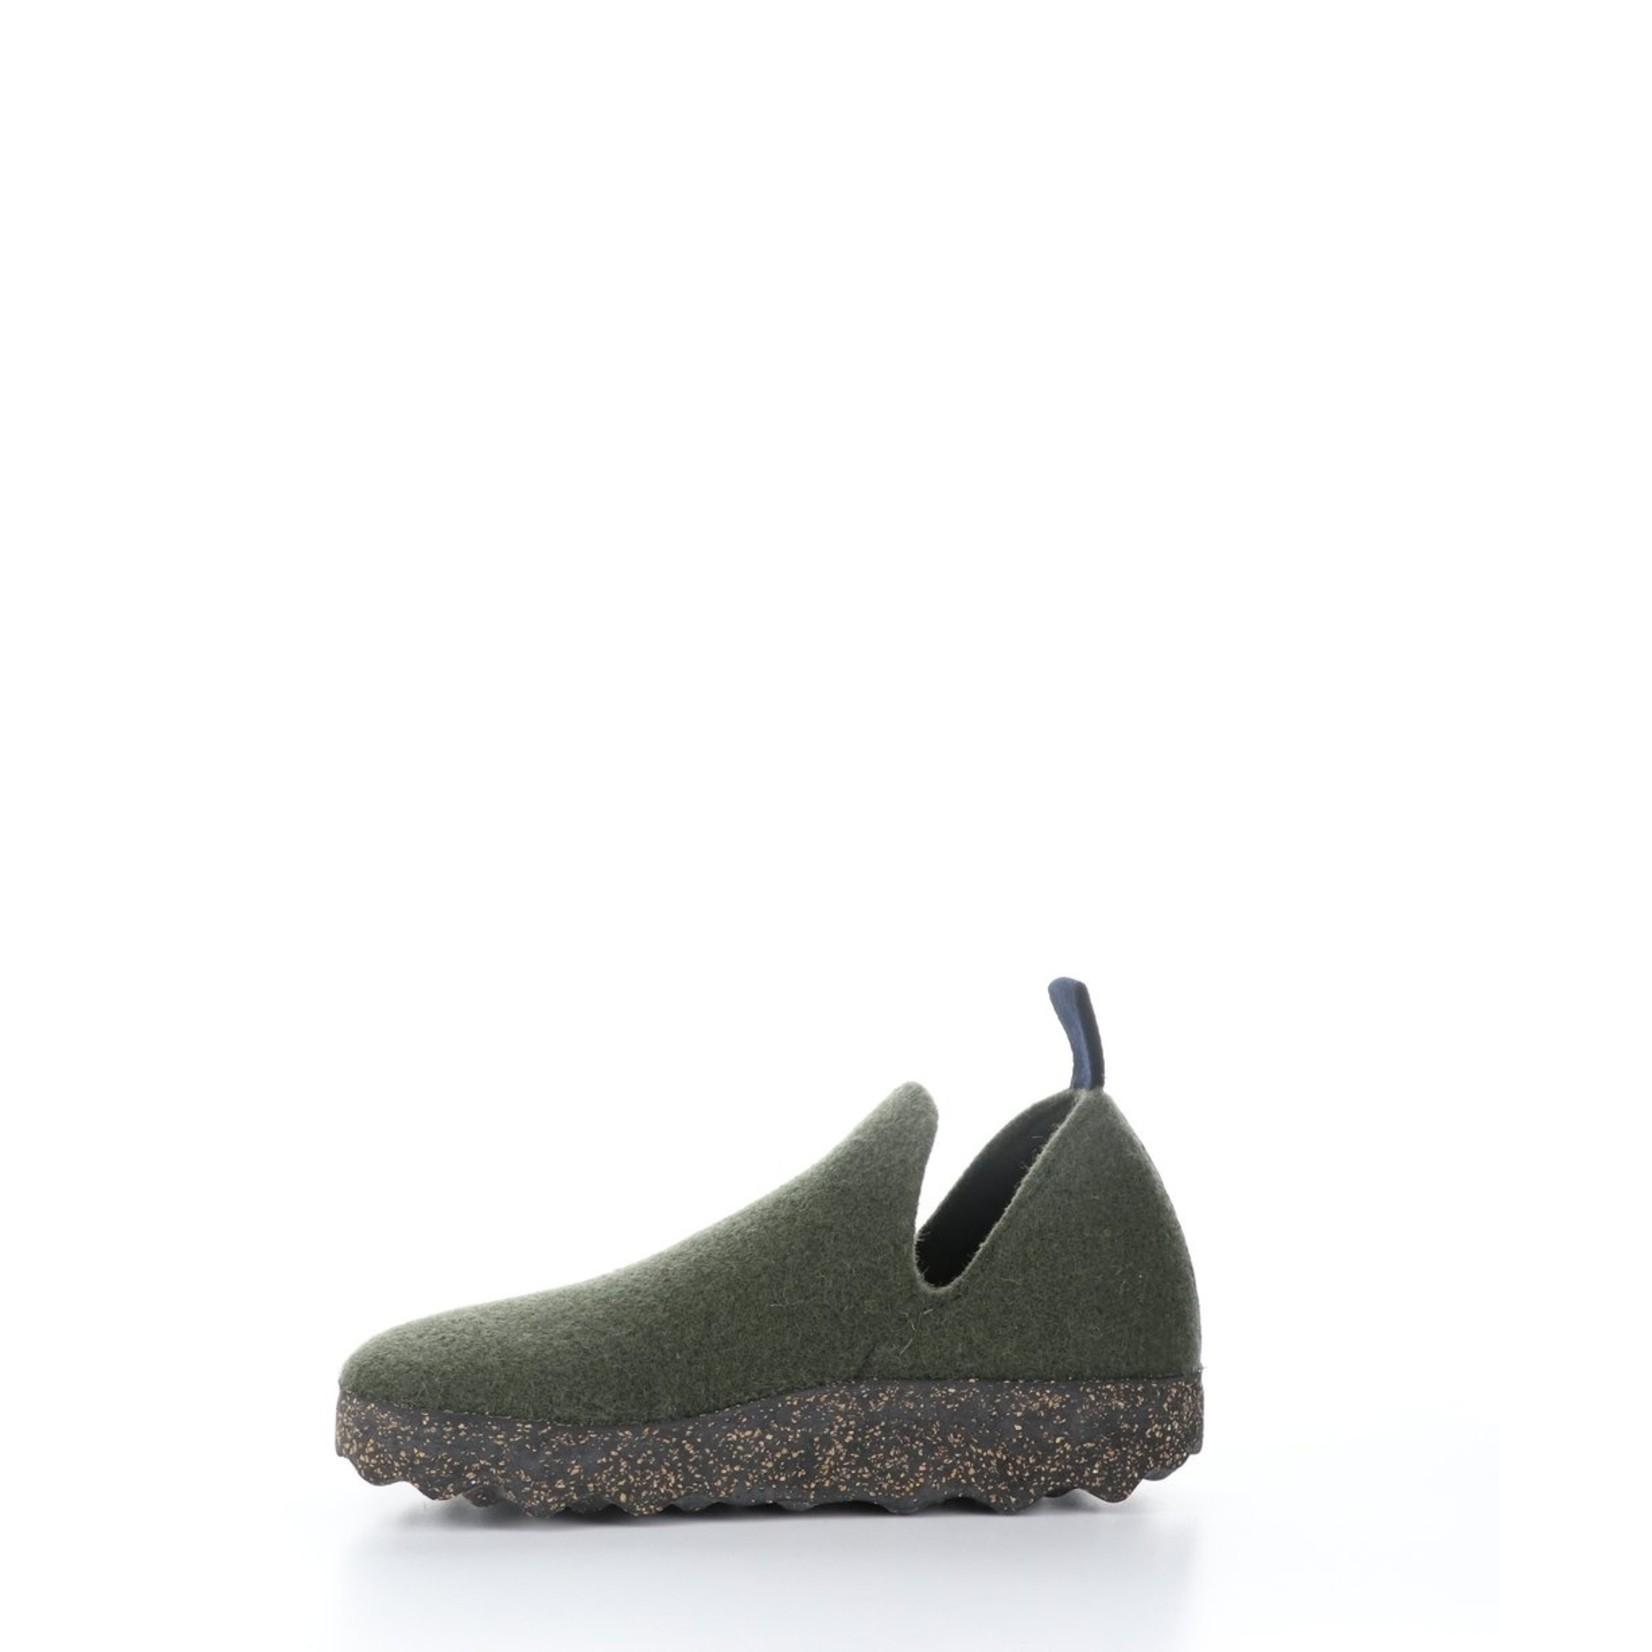 Asportuguesas Men's City Slip-On Shoes